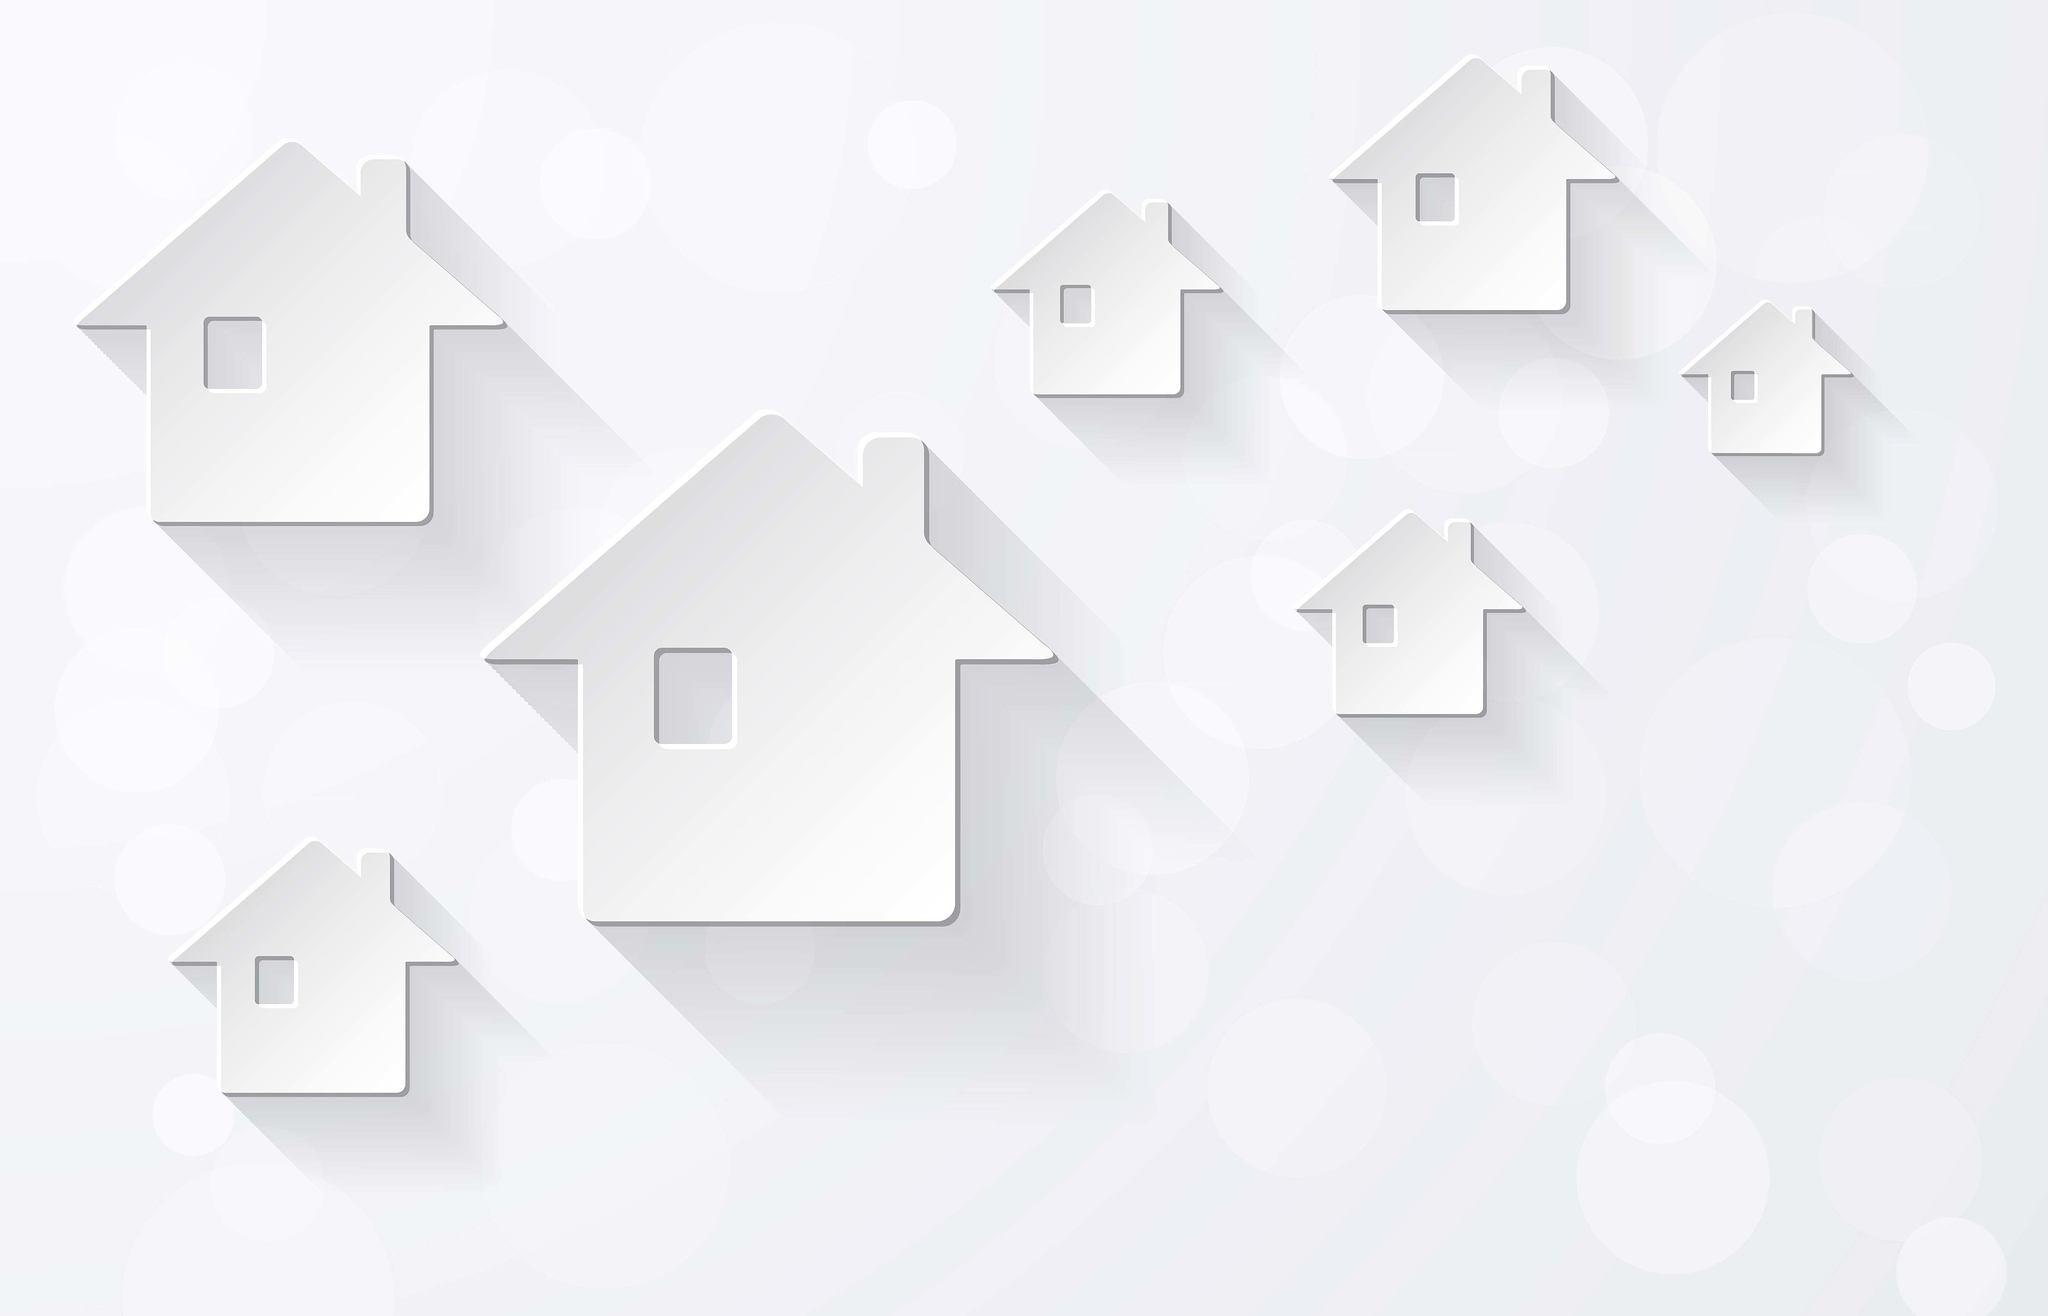 Rakennusterveyden ja rakentamisen asiantuntijapalvelut | Rakennuskatsastus Kuoppala Oy